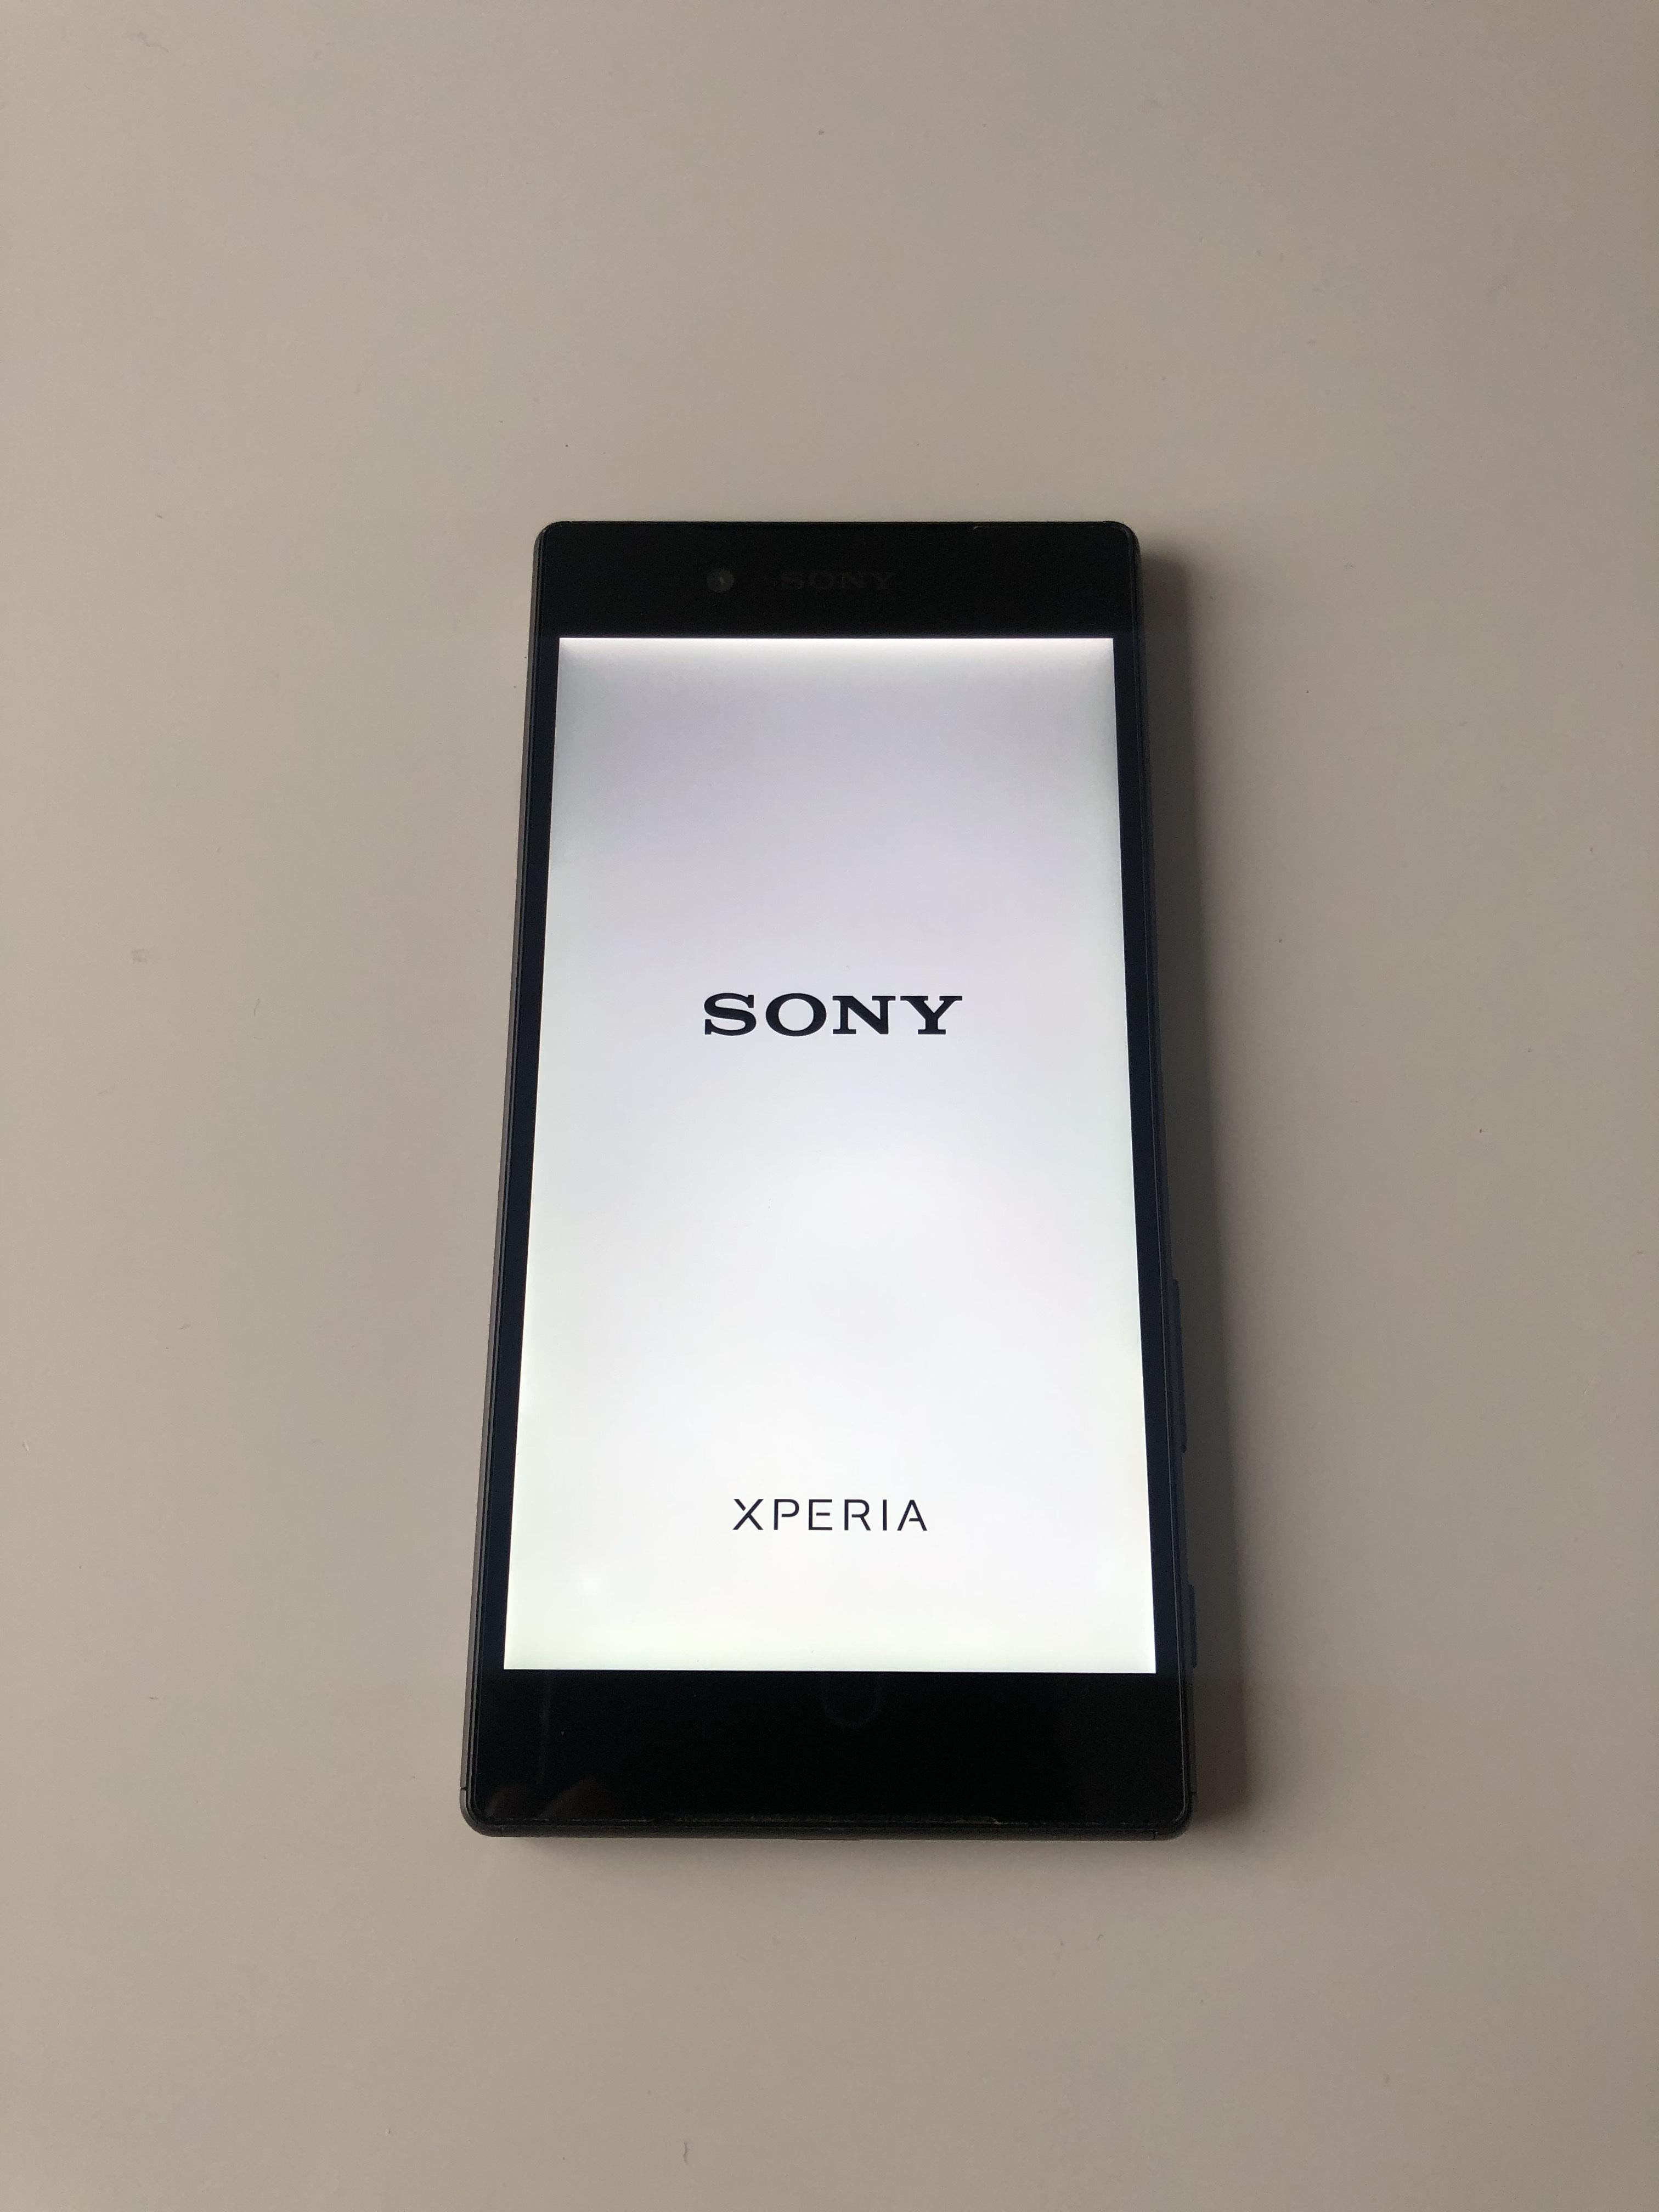 Sony Xperia telefoon